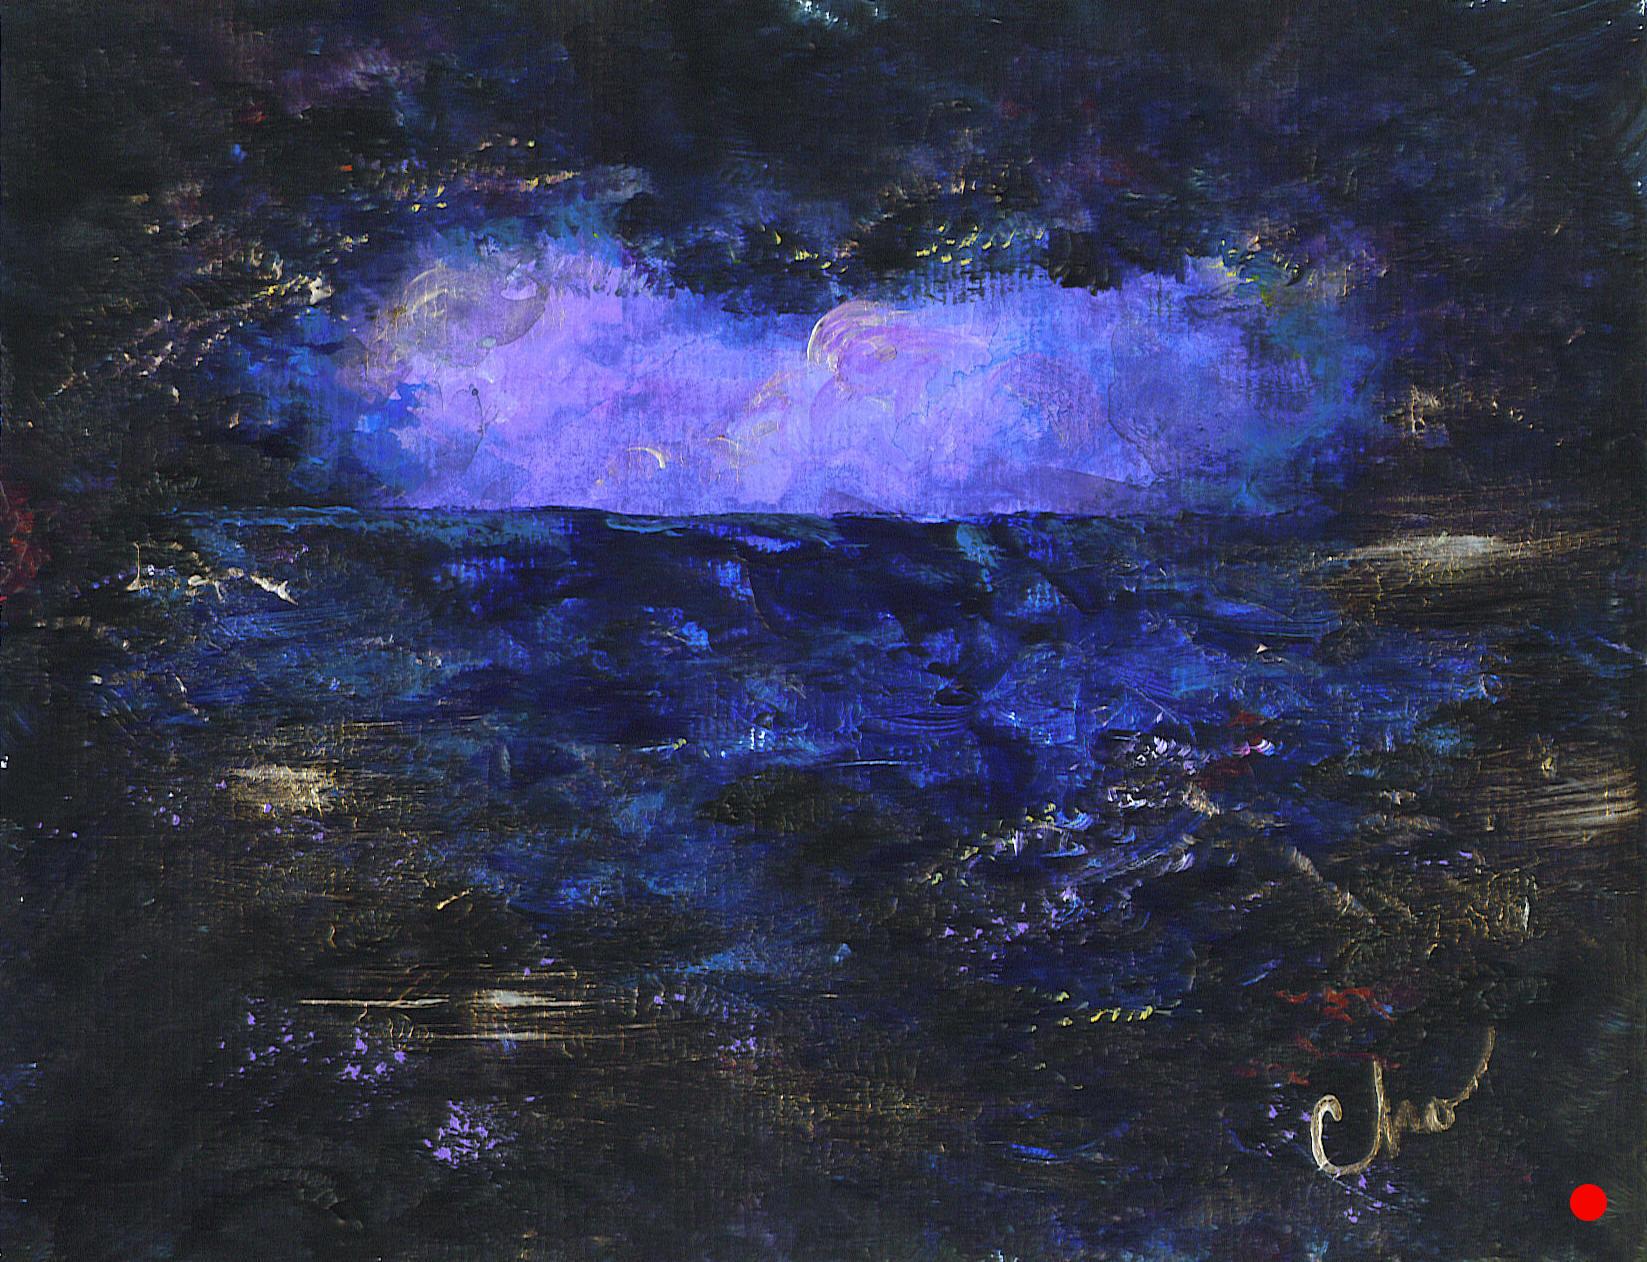 The Indigo Sea (2007)